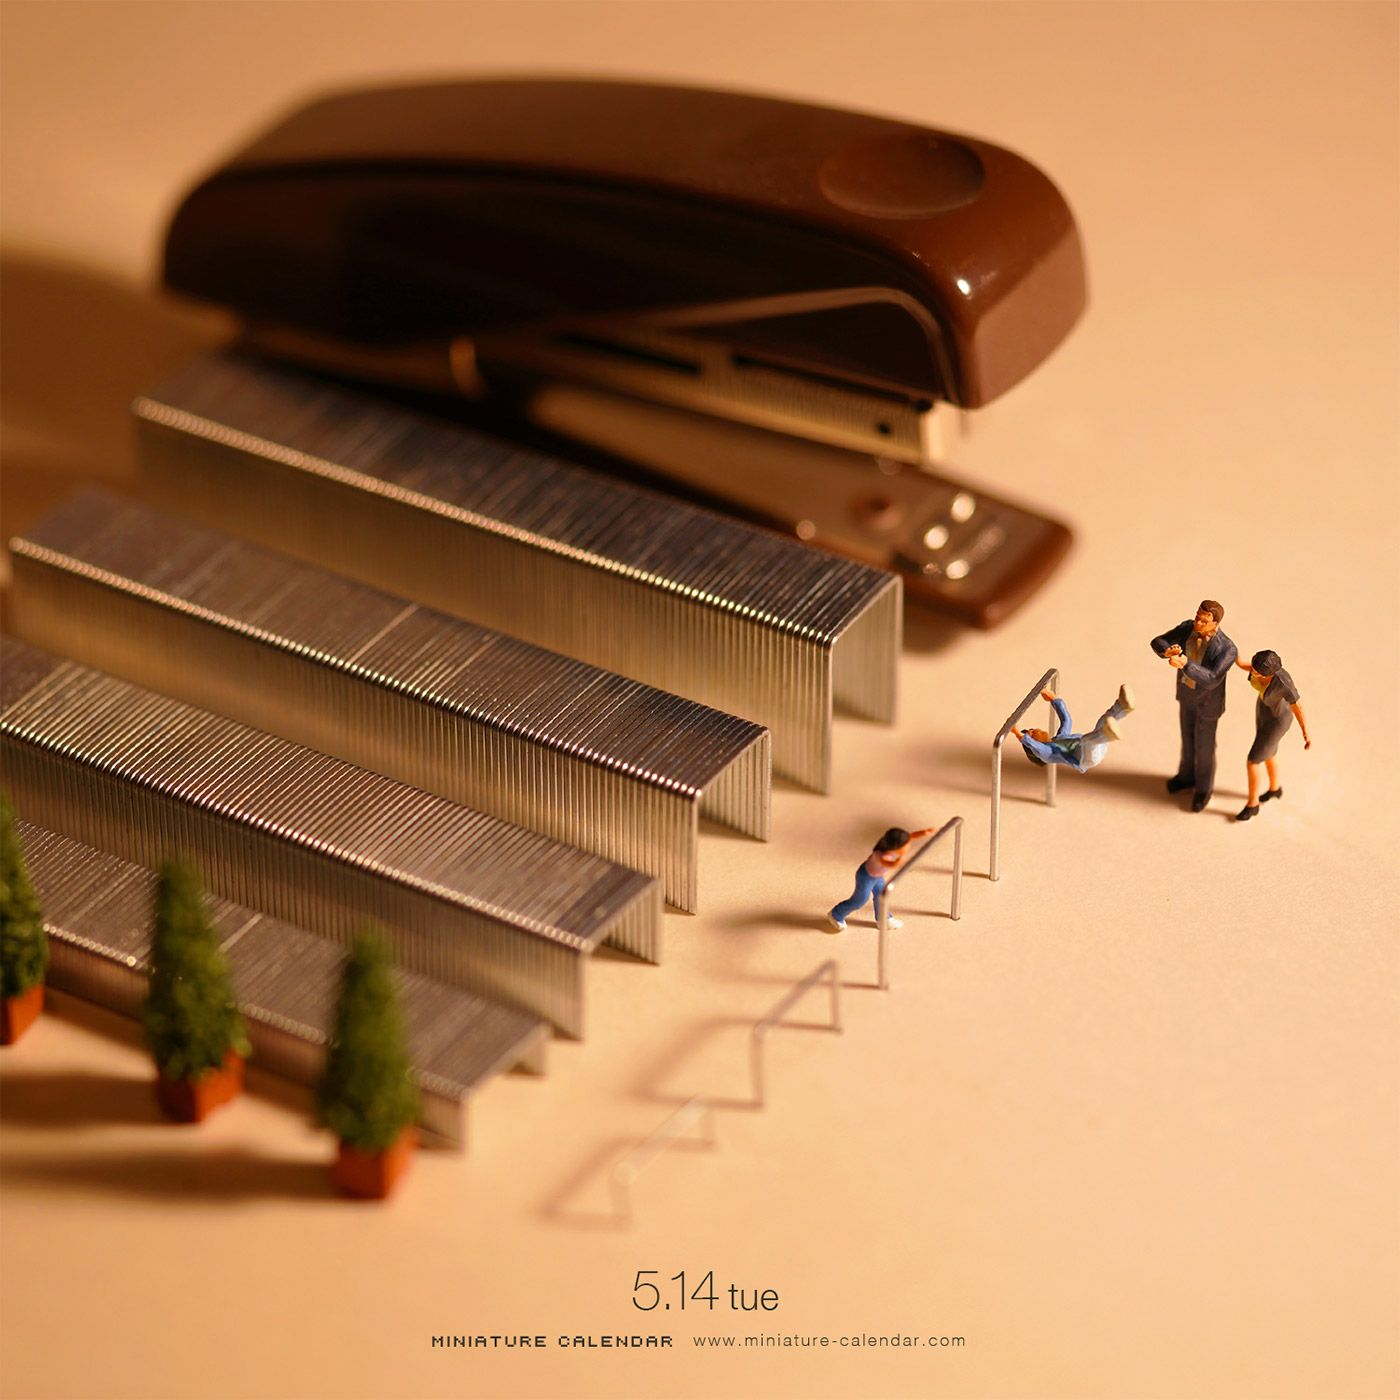 Miniature Calendar Creative Photography By Tatsuya Tanaka